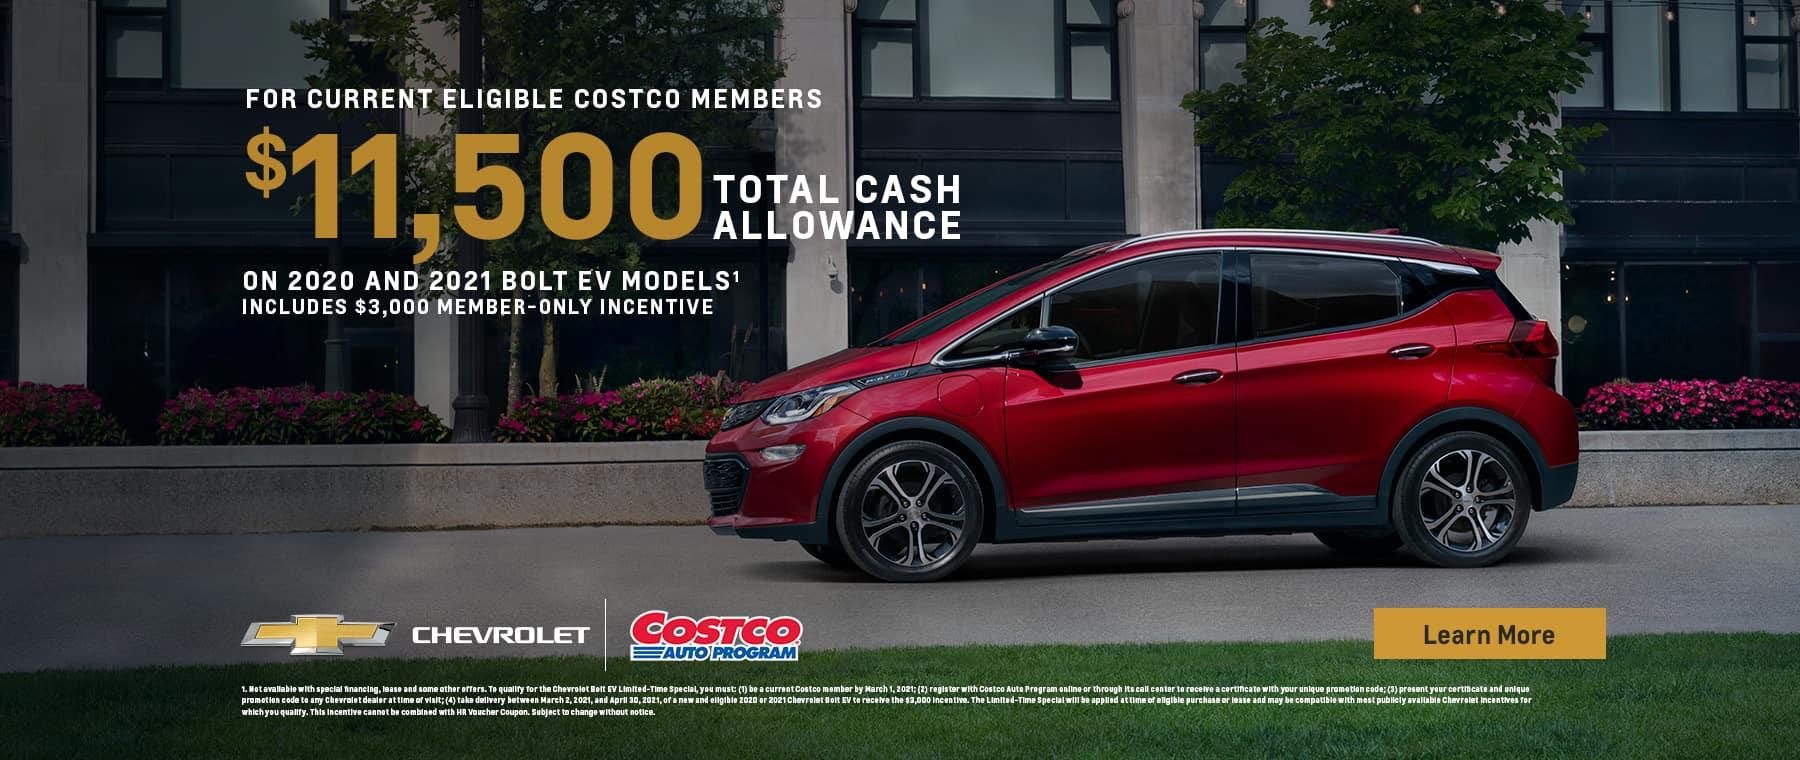 Chevrolet Costco $11500 Cassh Allowance red Chevy Bolt